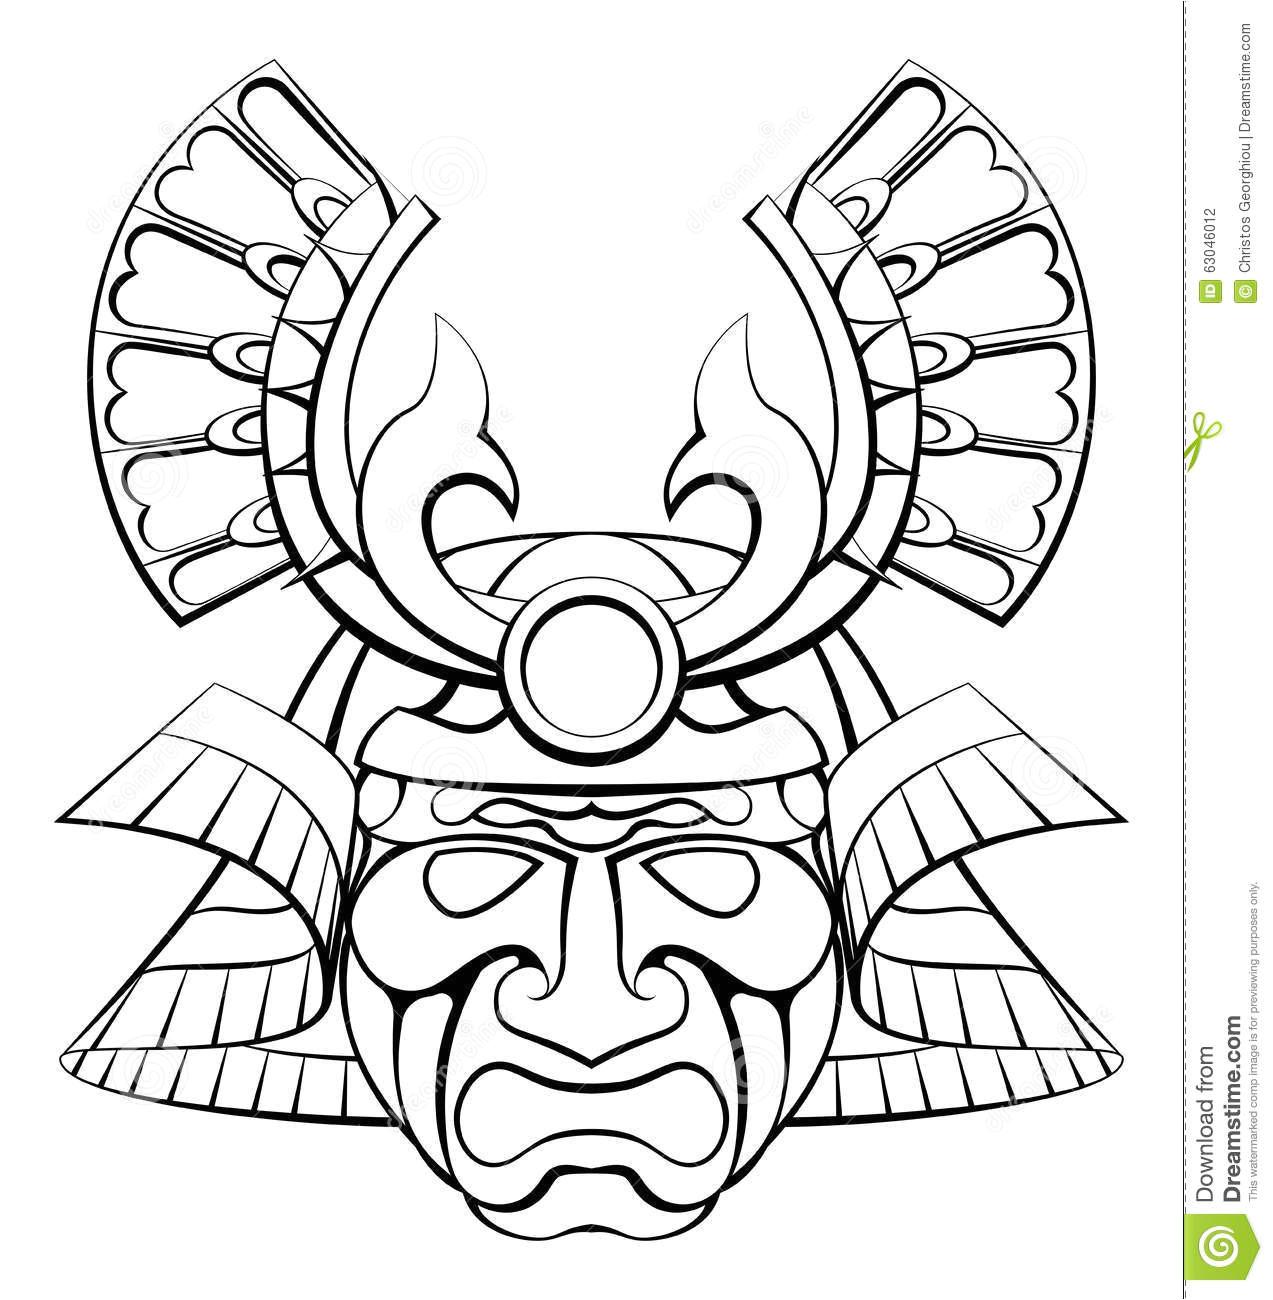 stock illustration samurai mask helmet design illustration image63046012